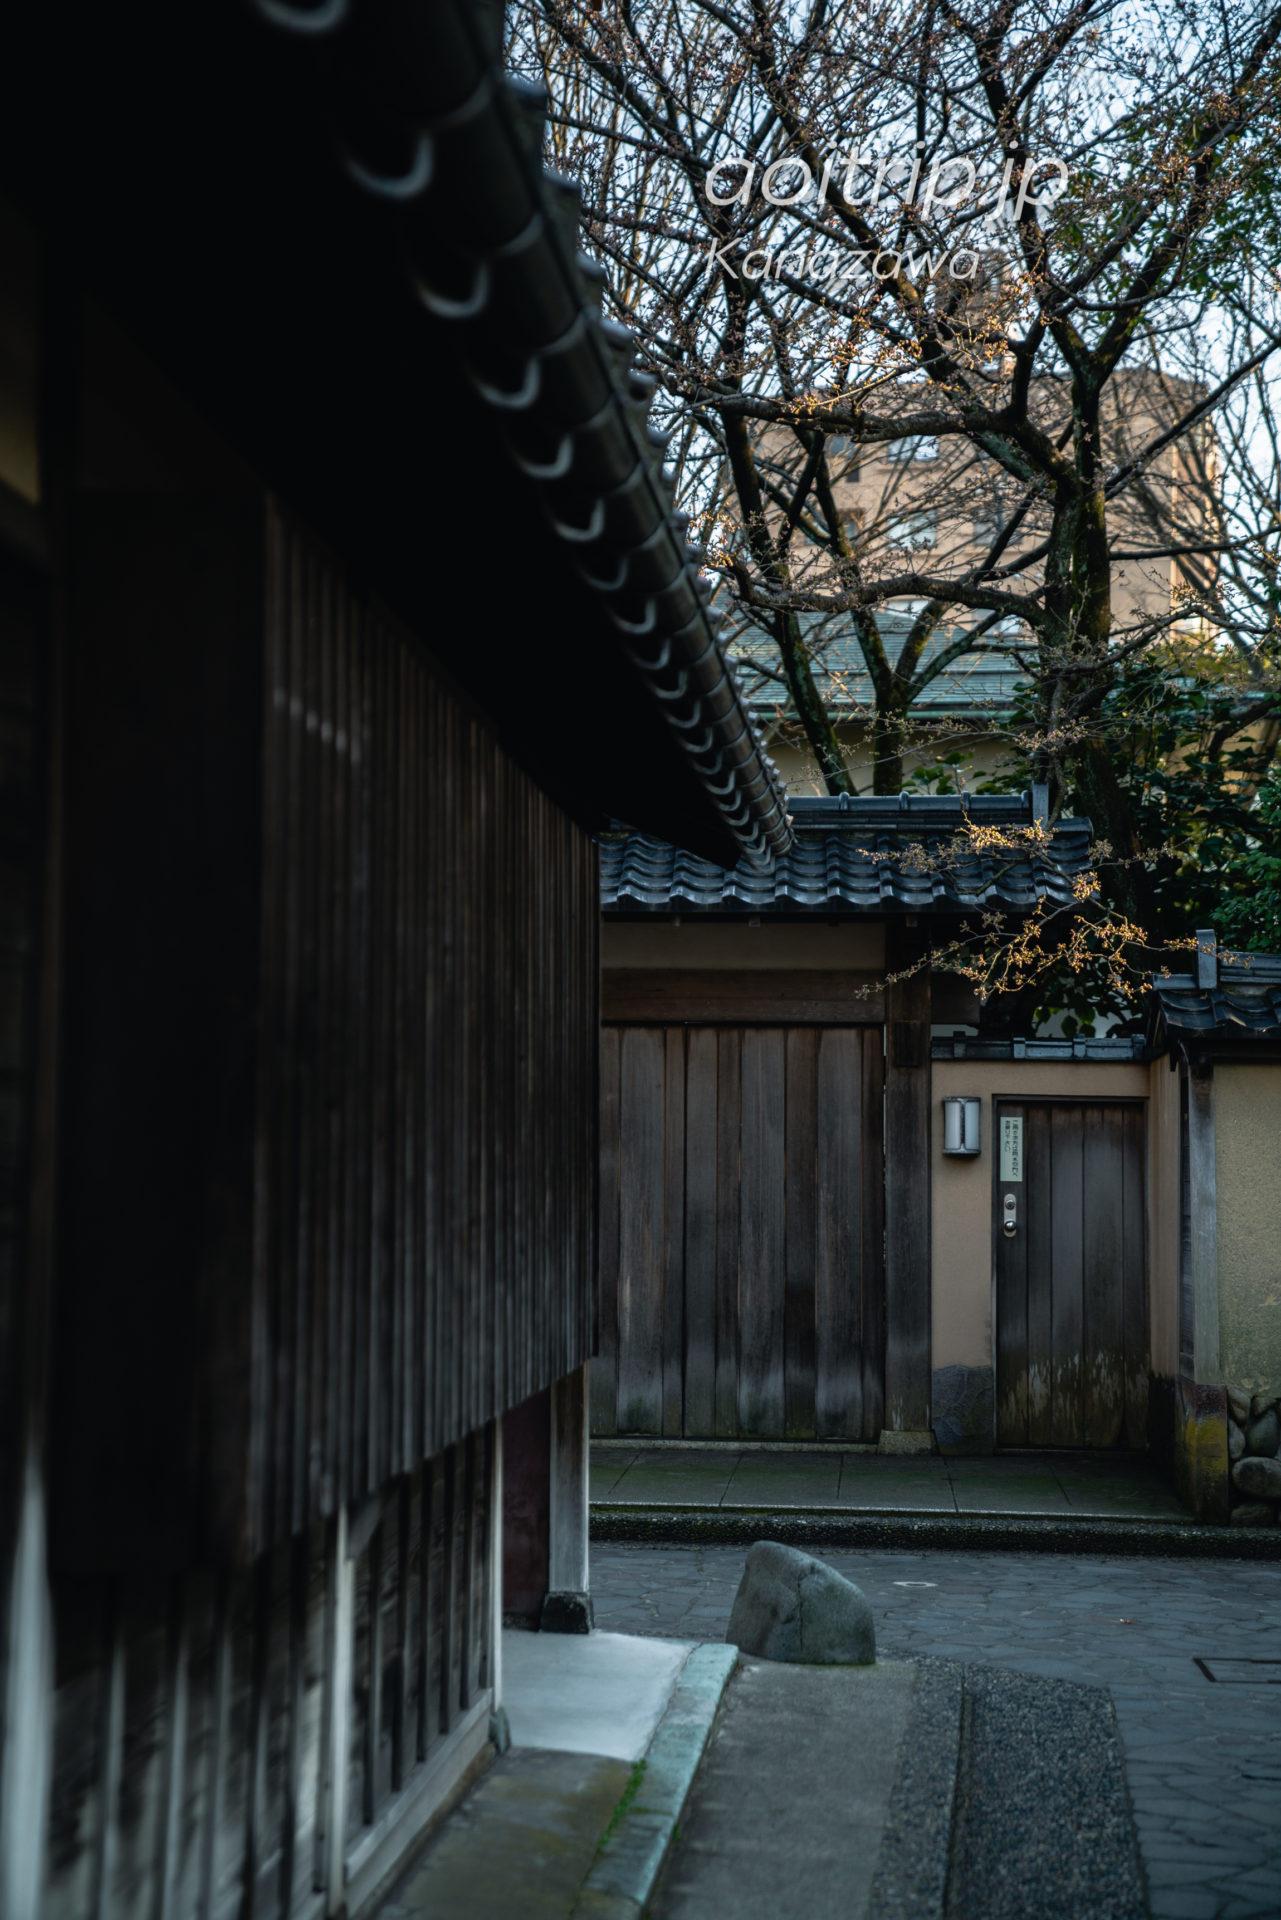 金沢 長町武家屋敷跡界隈 Naga Machi Samurai District, Kanazawa